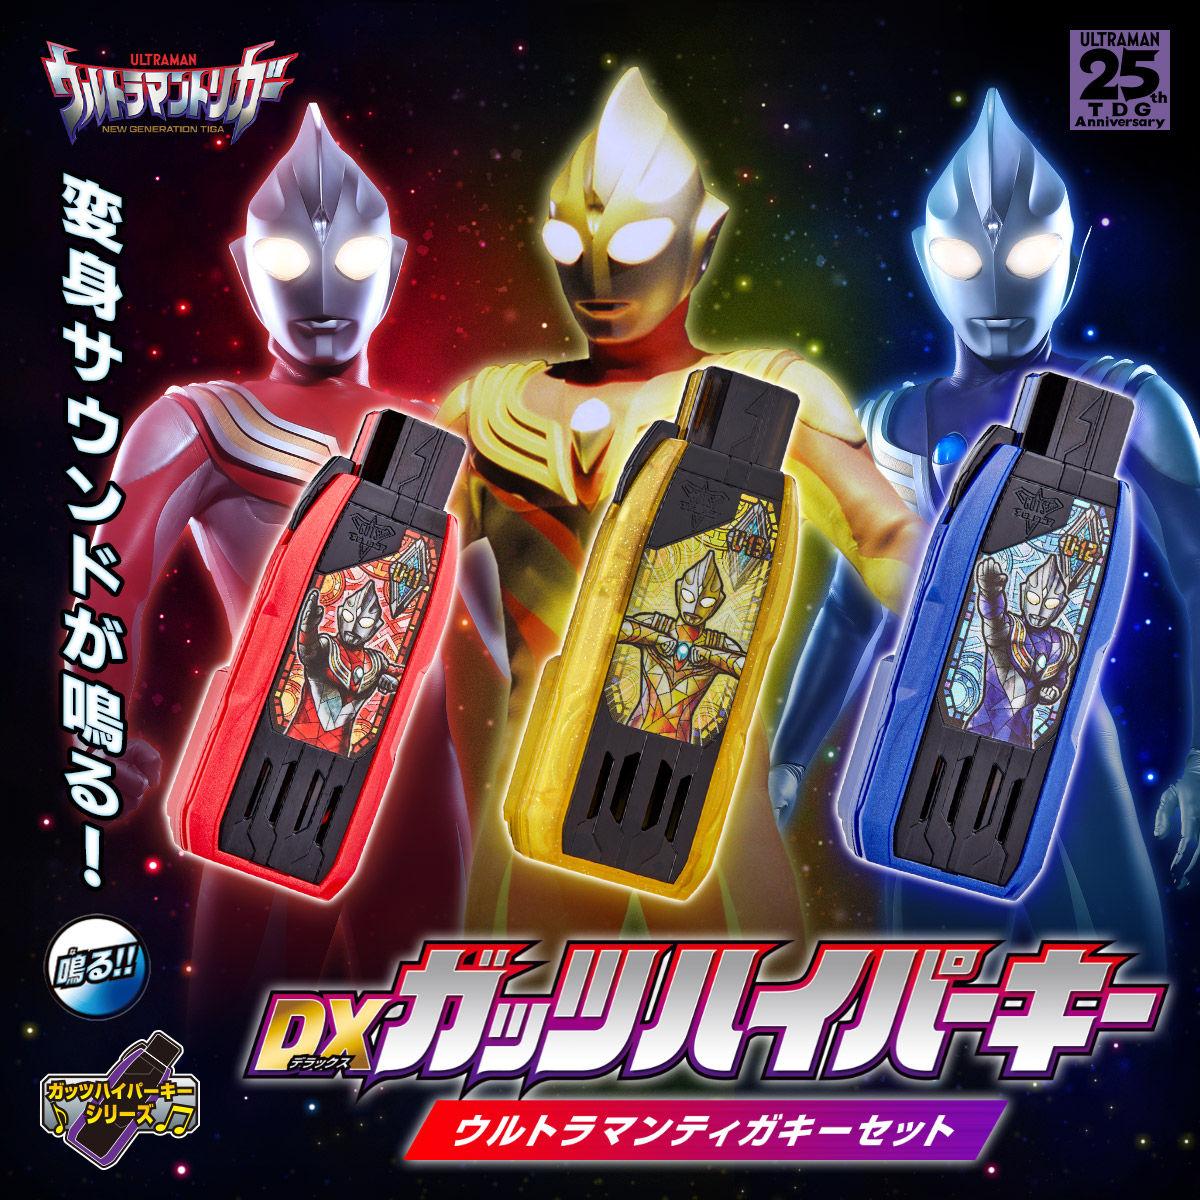 【限定販売】DXガッツハイパーキー『ウルトラマンティガキーセット』ウルトラマントリガー 変身なりきり-001